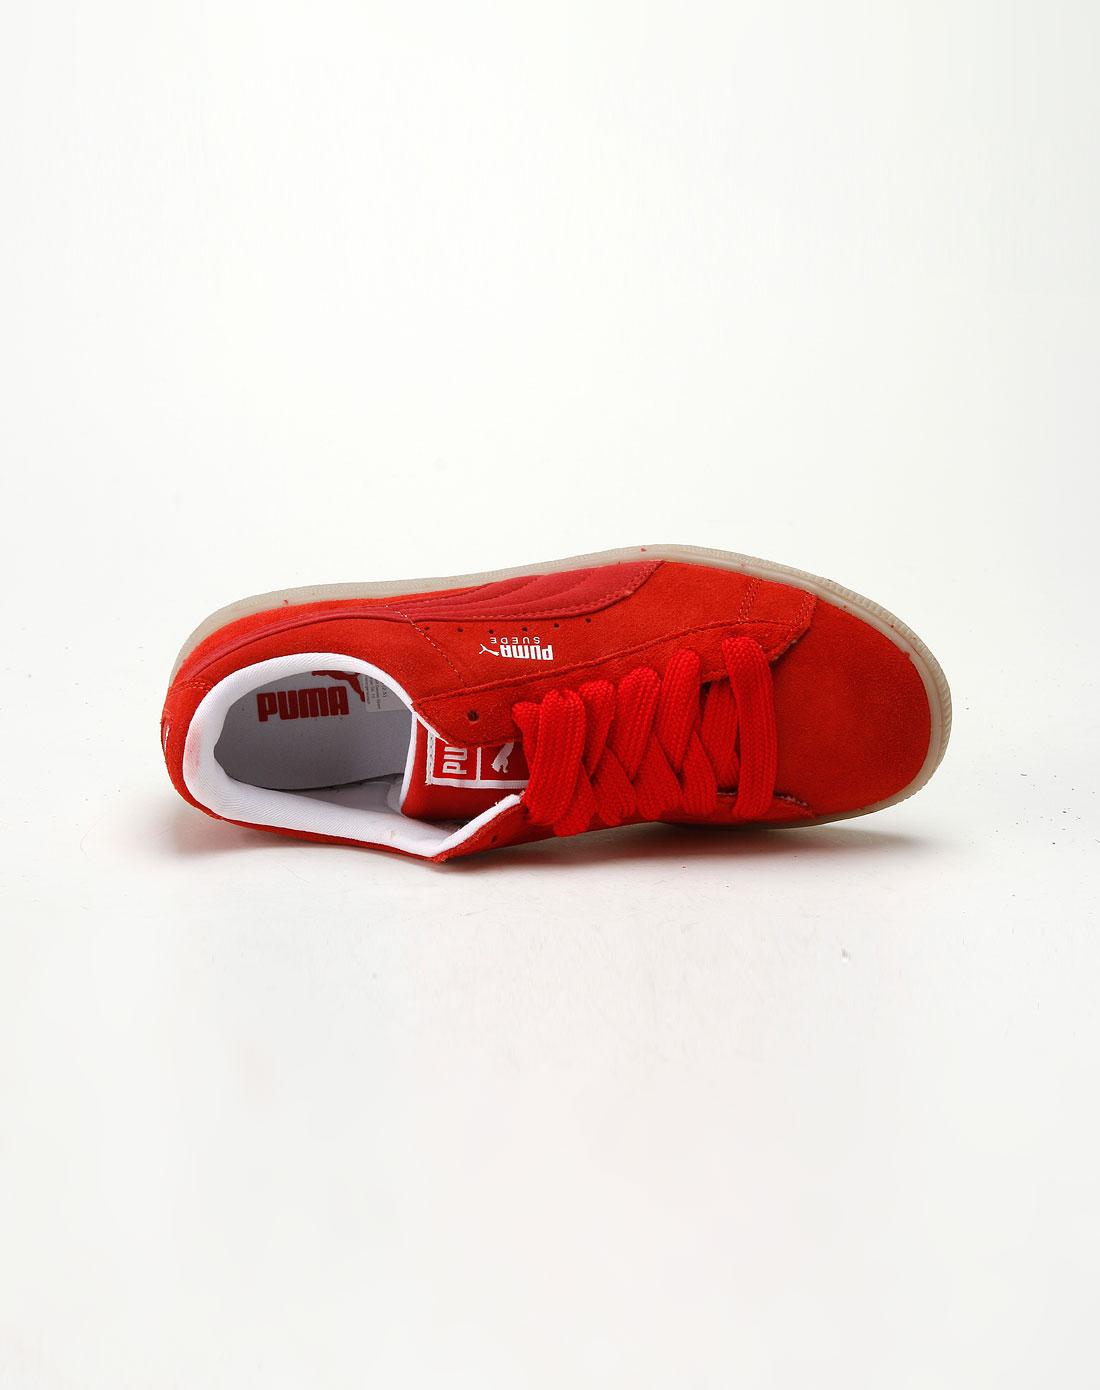 彪马puma亮红/缎带红色绑带休闲鞋35079802